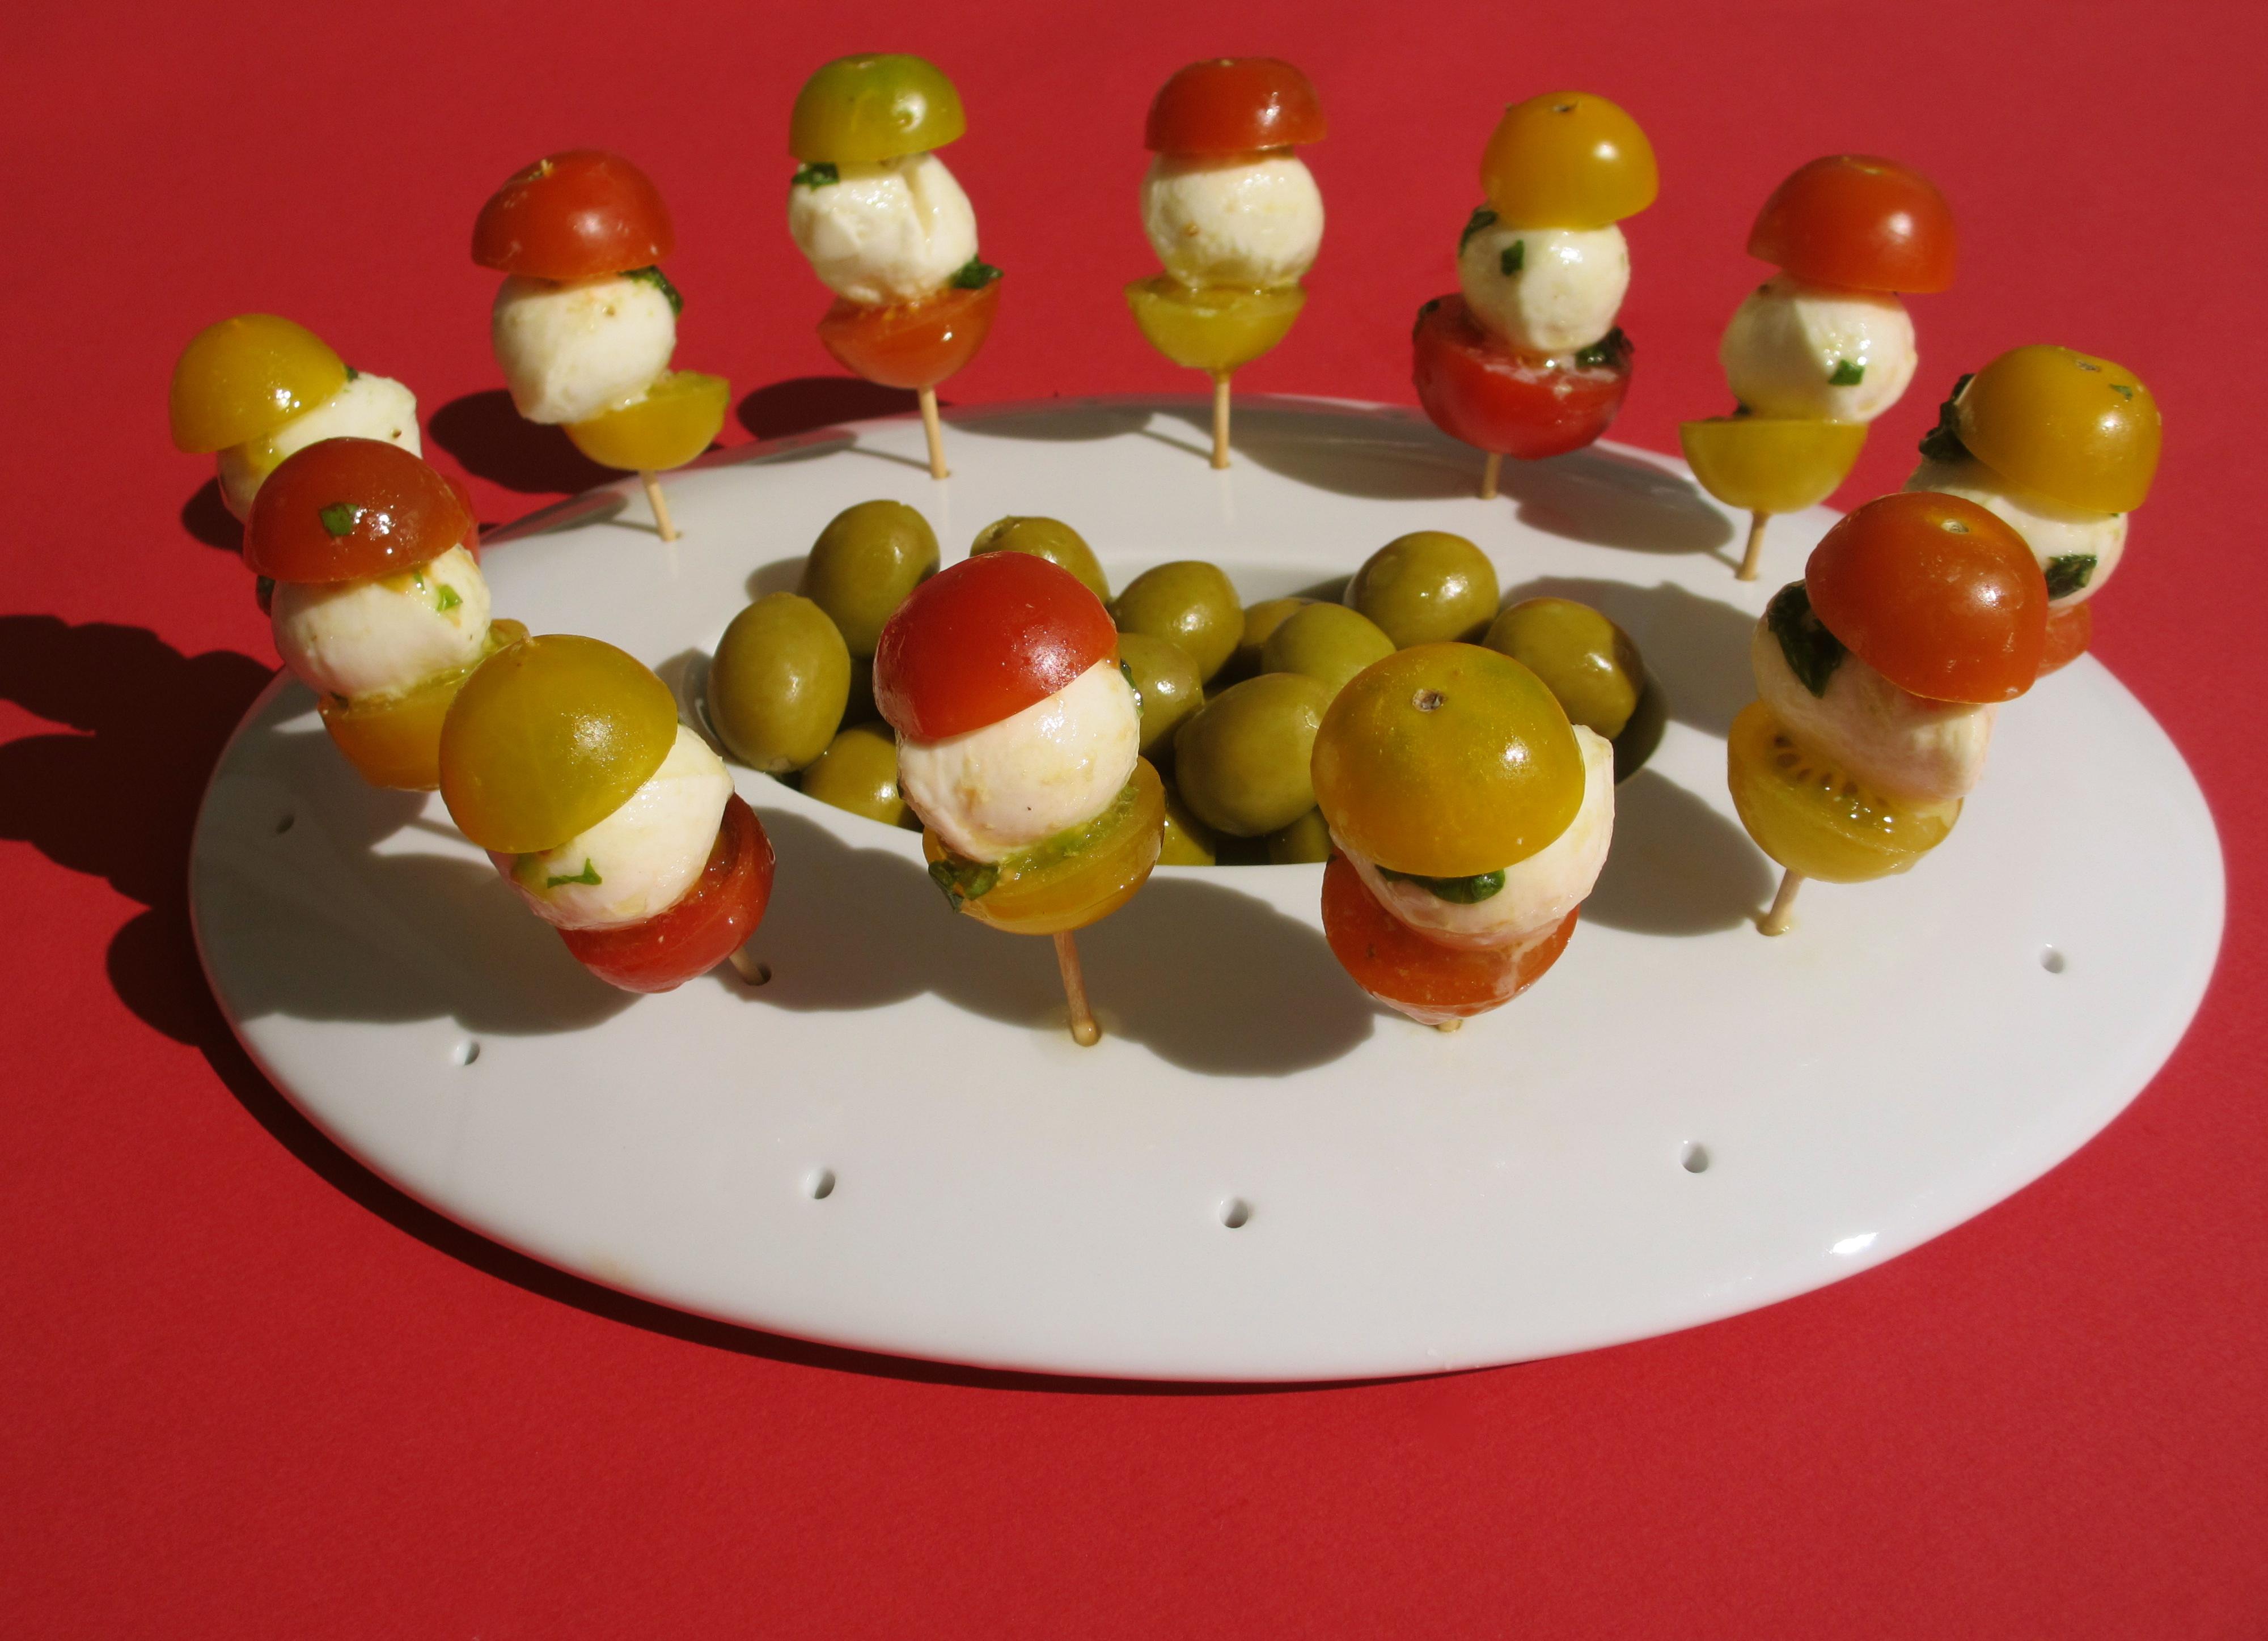 Piques ap ritives de tomates bicolores la mozzarella diet d lices recettes diet tiques - Brochettes aperitives sans cuisson ...